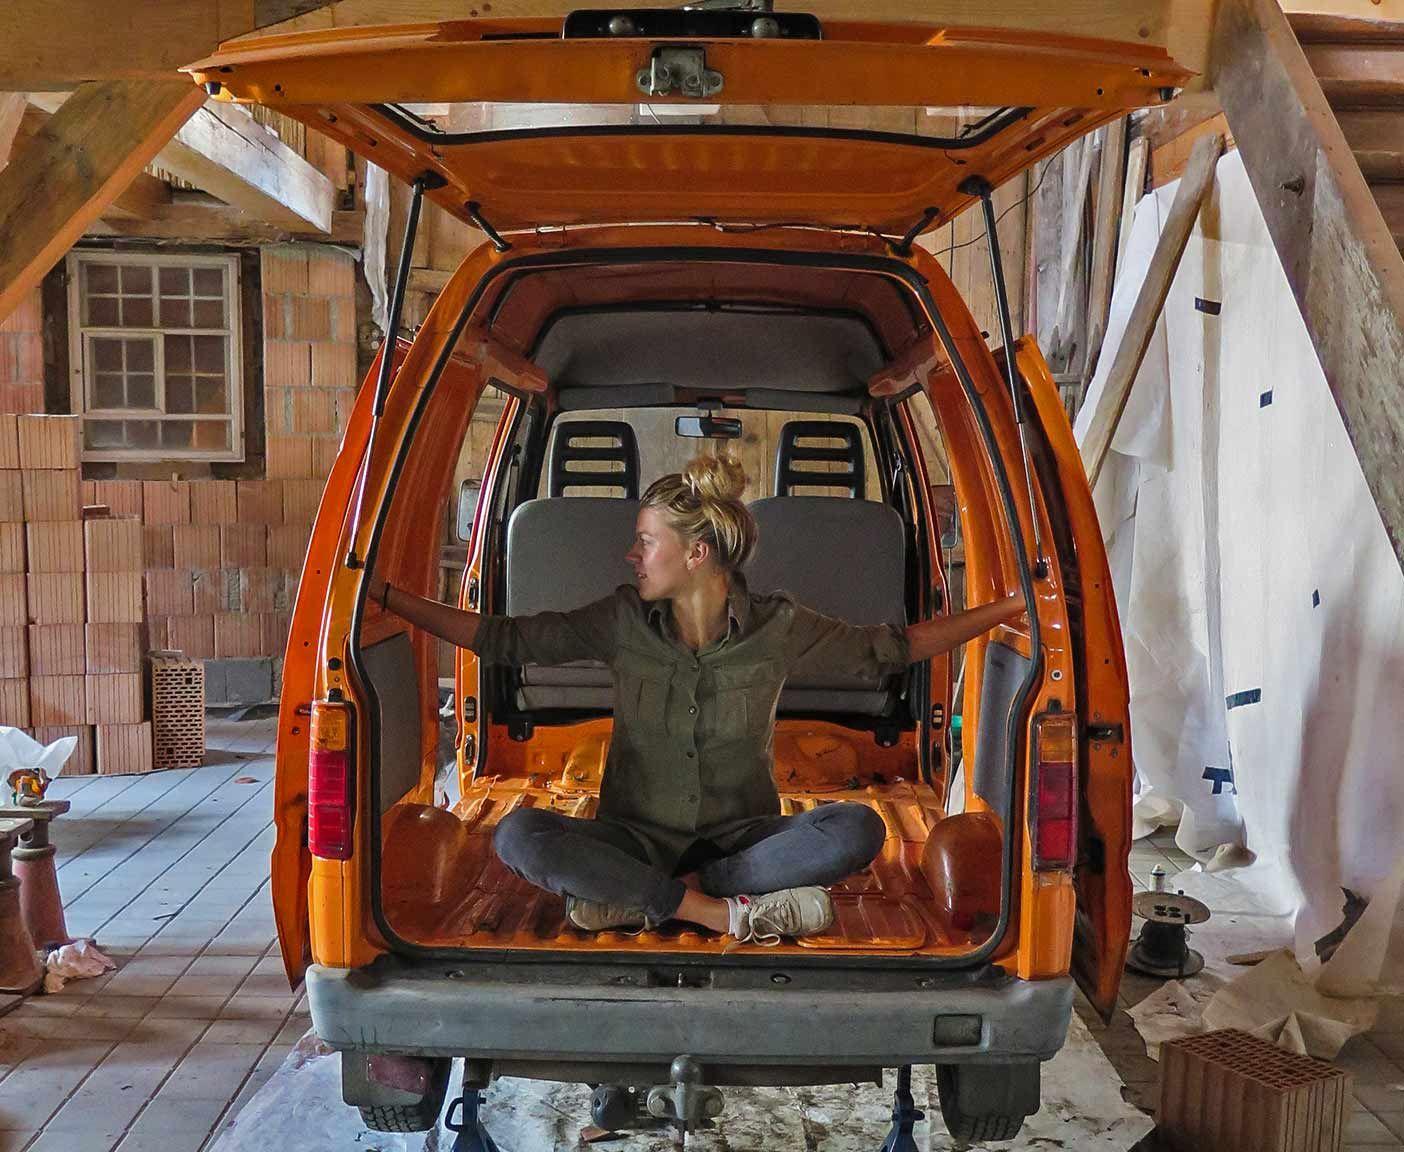 Gut Piaggio Porter Minicamper Minivan Camper Mini Wohnmobil Kleiner Selbstausbau